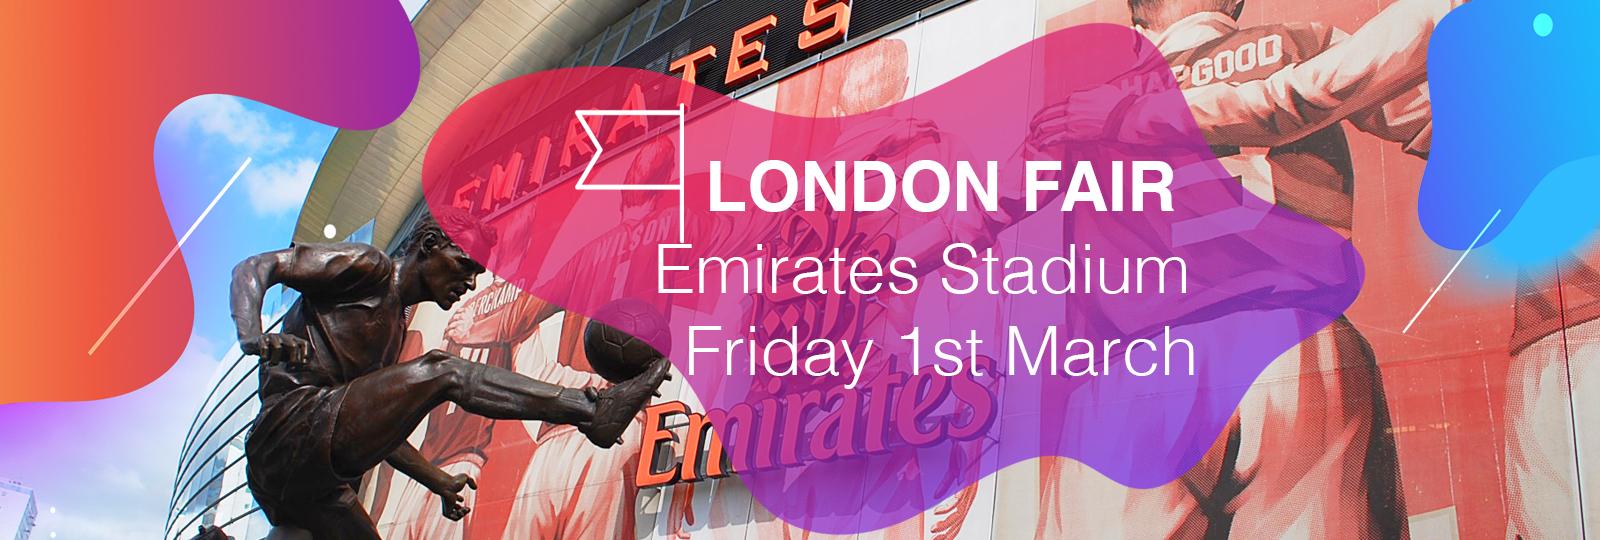 London Fair